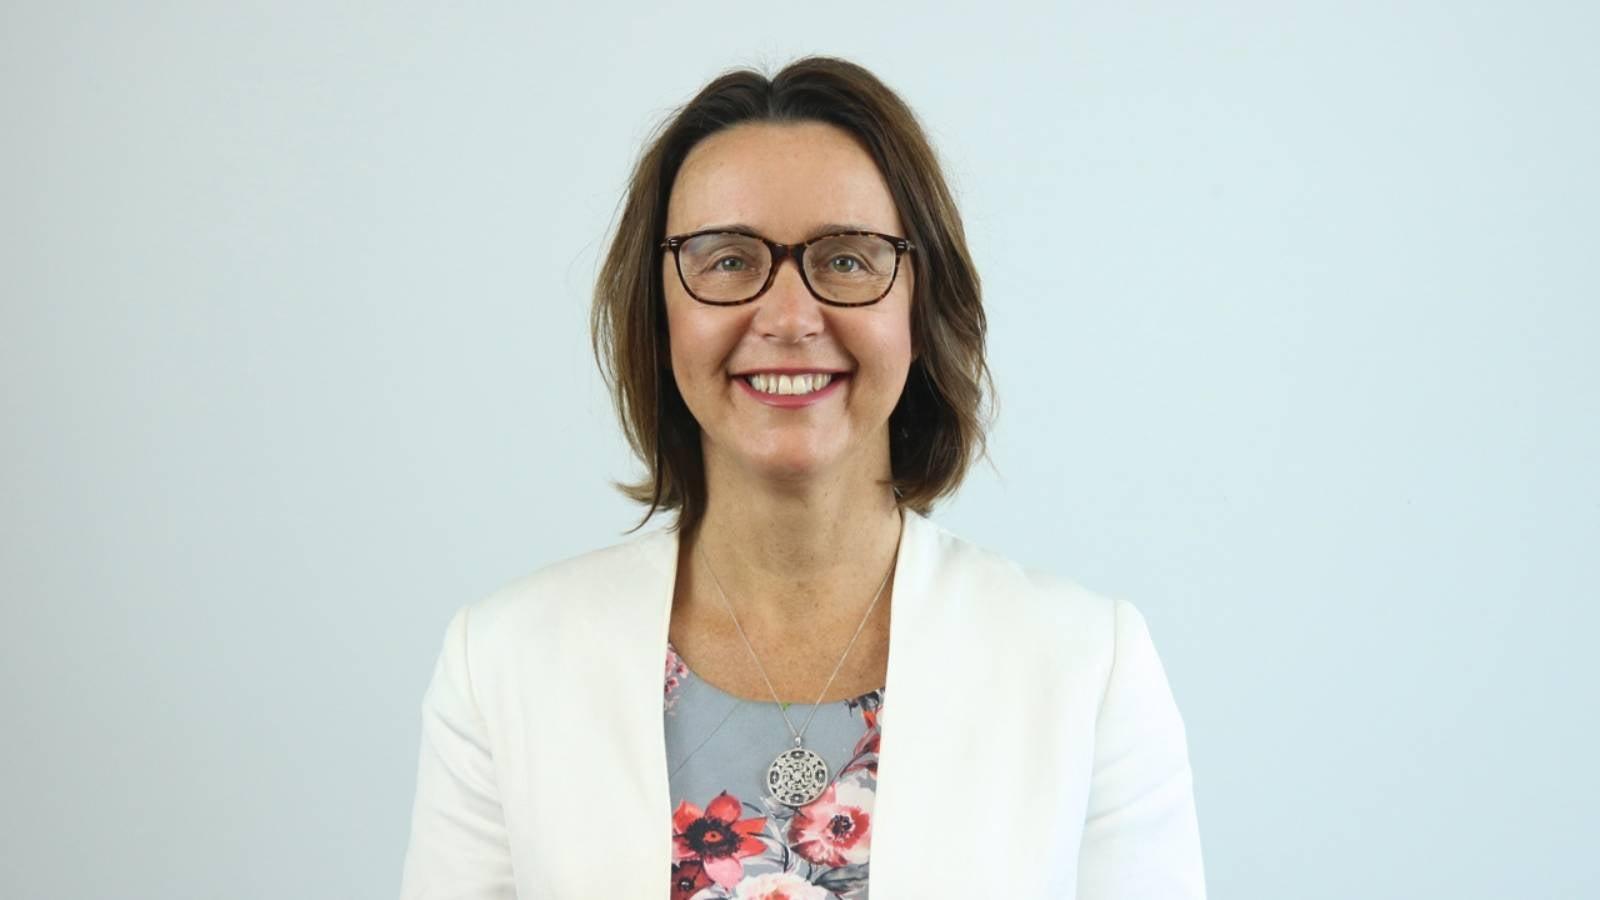 NZ employment market set to change